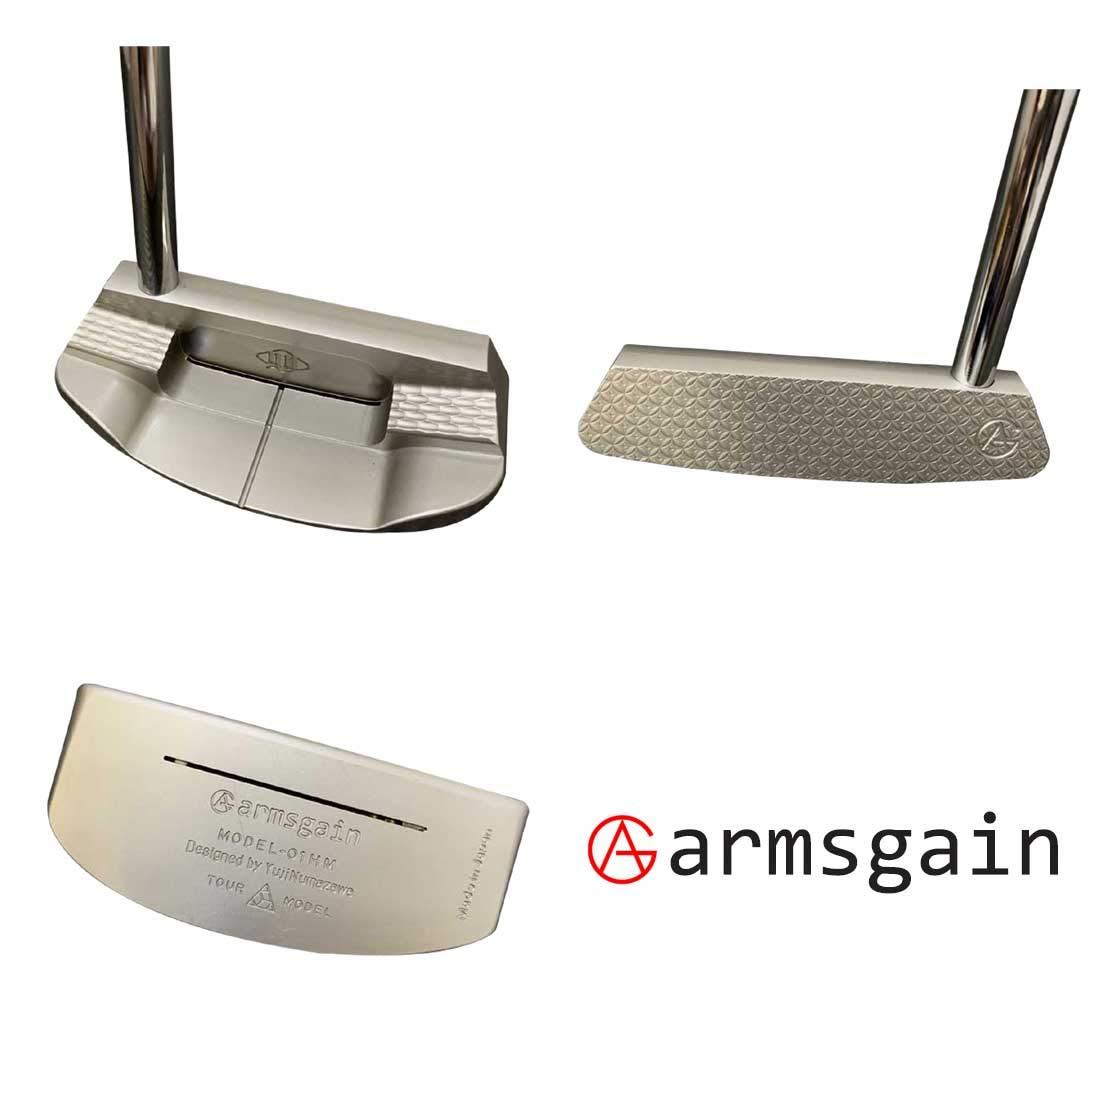 アームスゲイン(armsgain) パター Model-01【TourModel】 ハーフマレットタイプ 35インチ パター